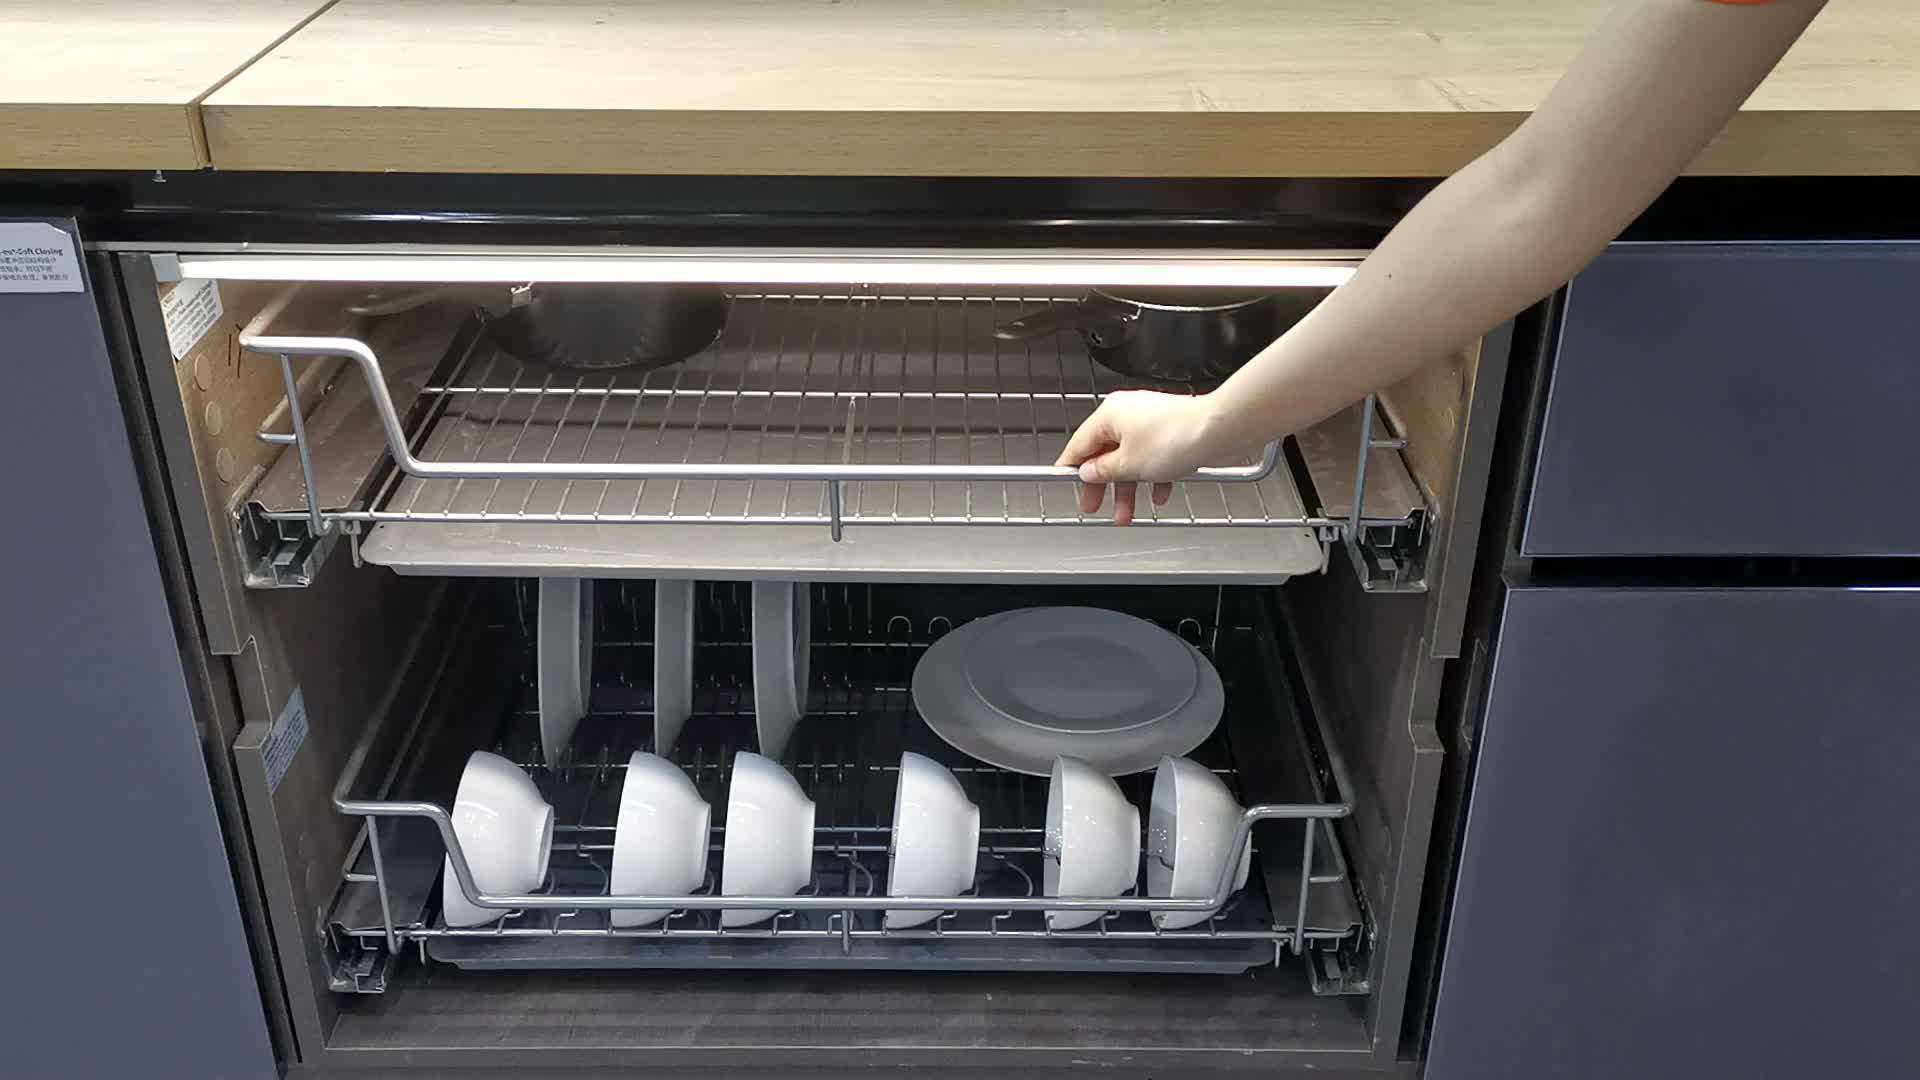 Armadio da cucina pull out cremagliera di piatto di 4 lati cremagliera di piatto dispensa organizzatore